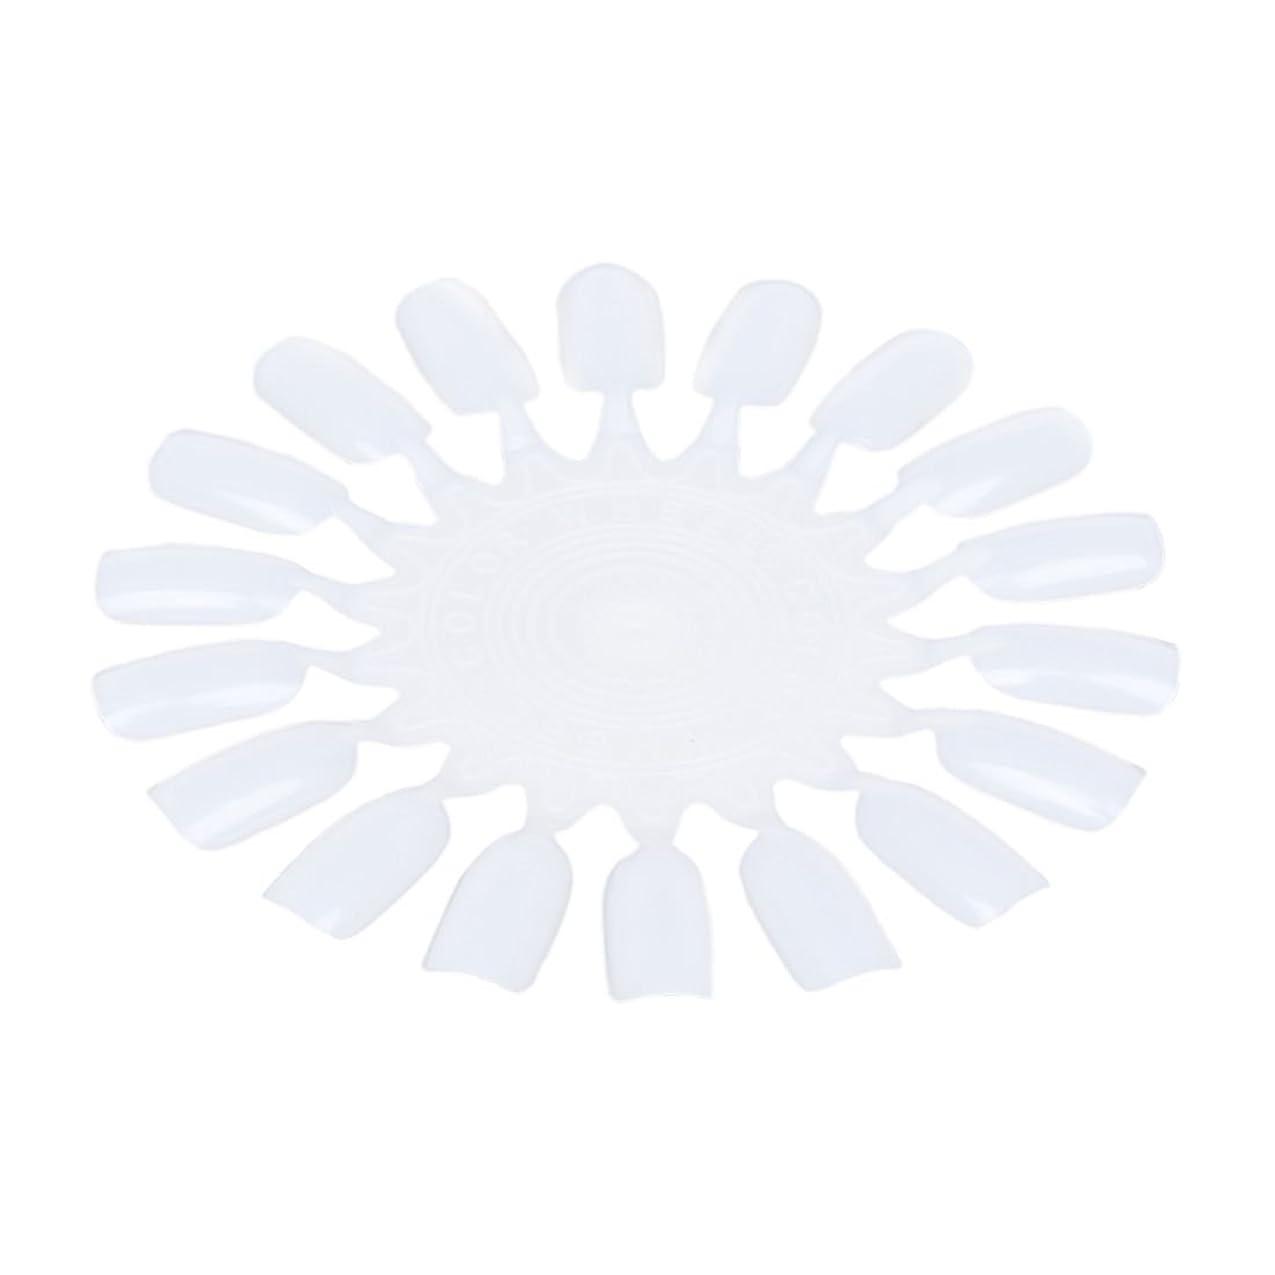 聖域バストオークGaoominy 10個 メークアップ化粧ネイル ポーランドカラー段ボールカラーチャート18カラー ベージュ